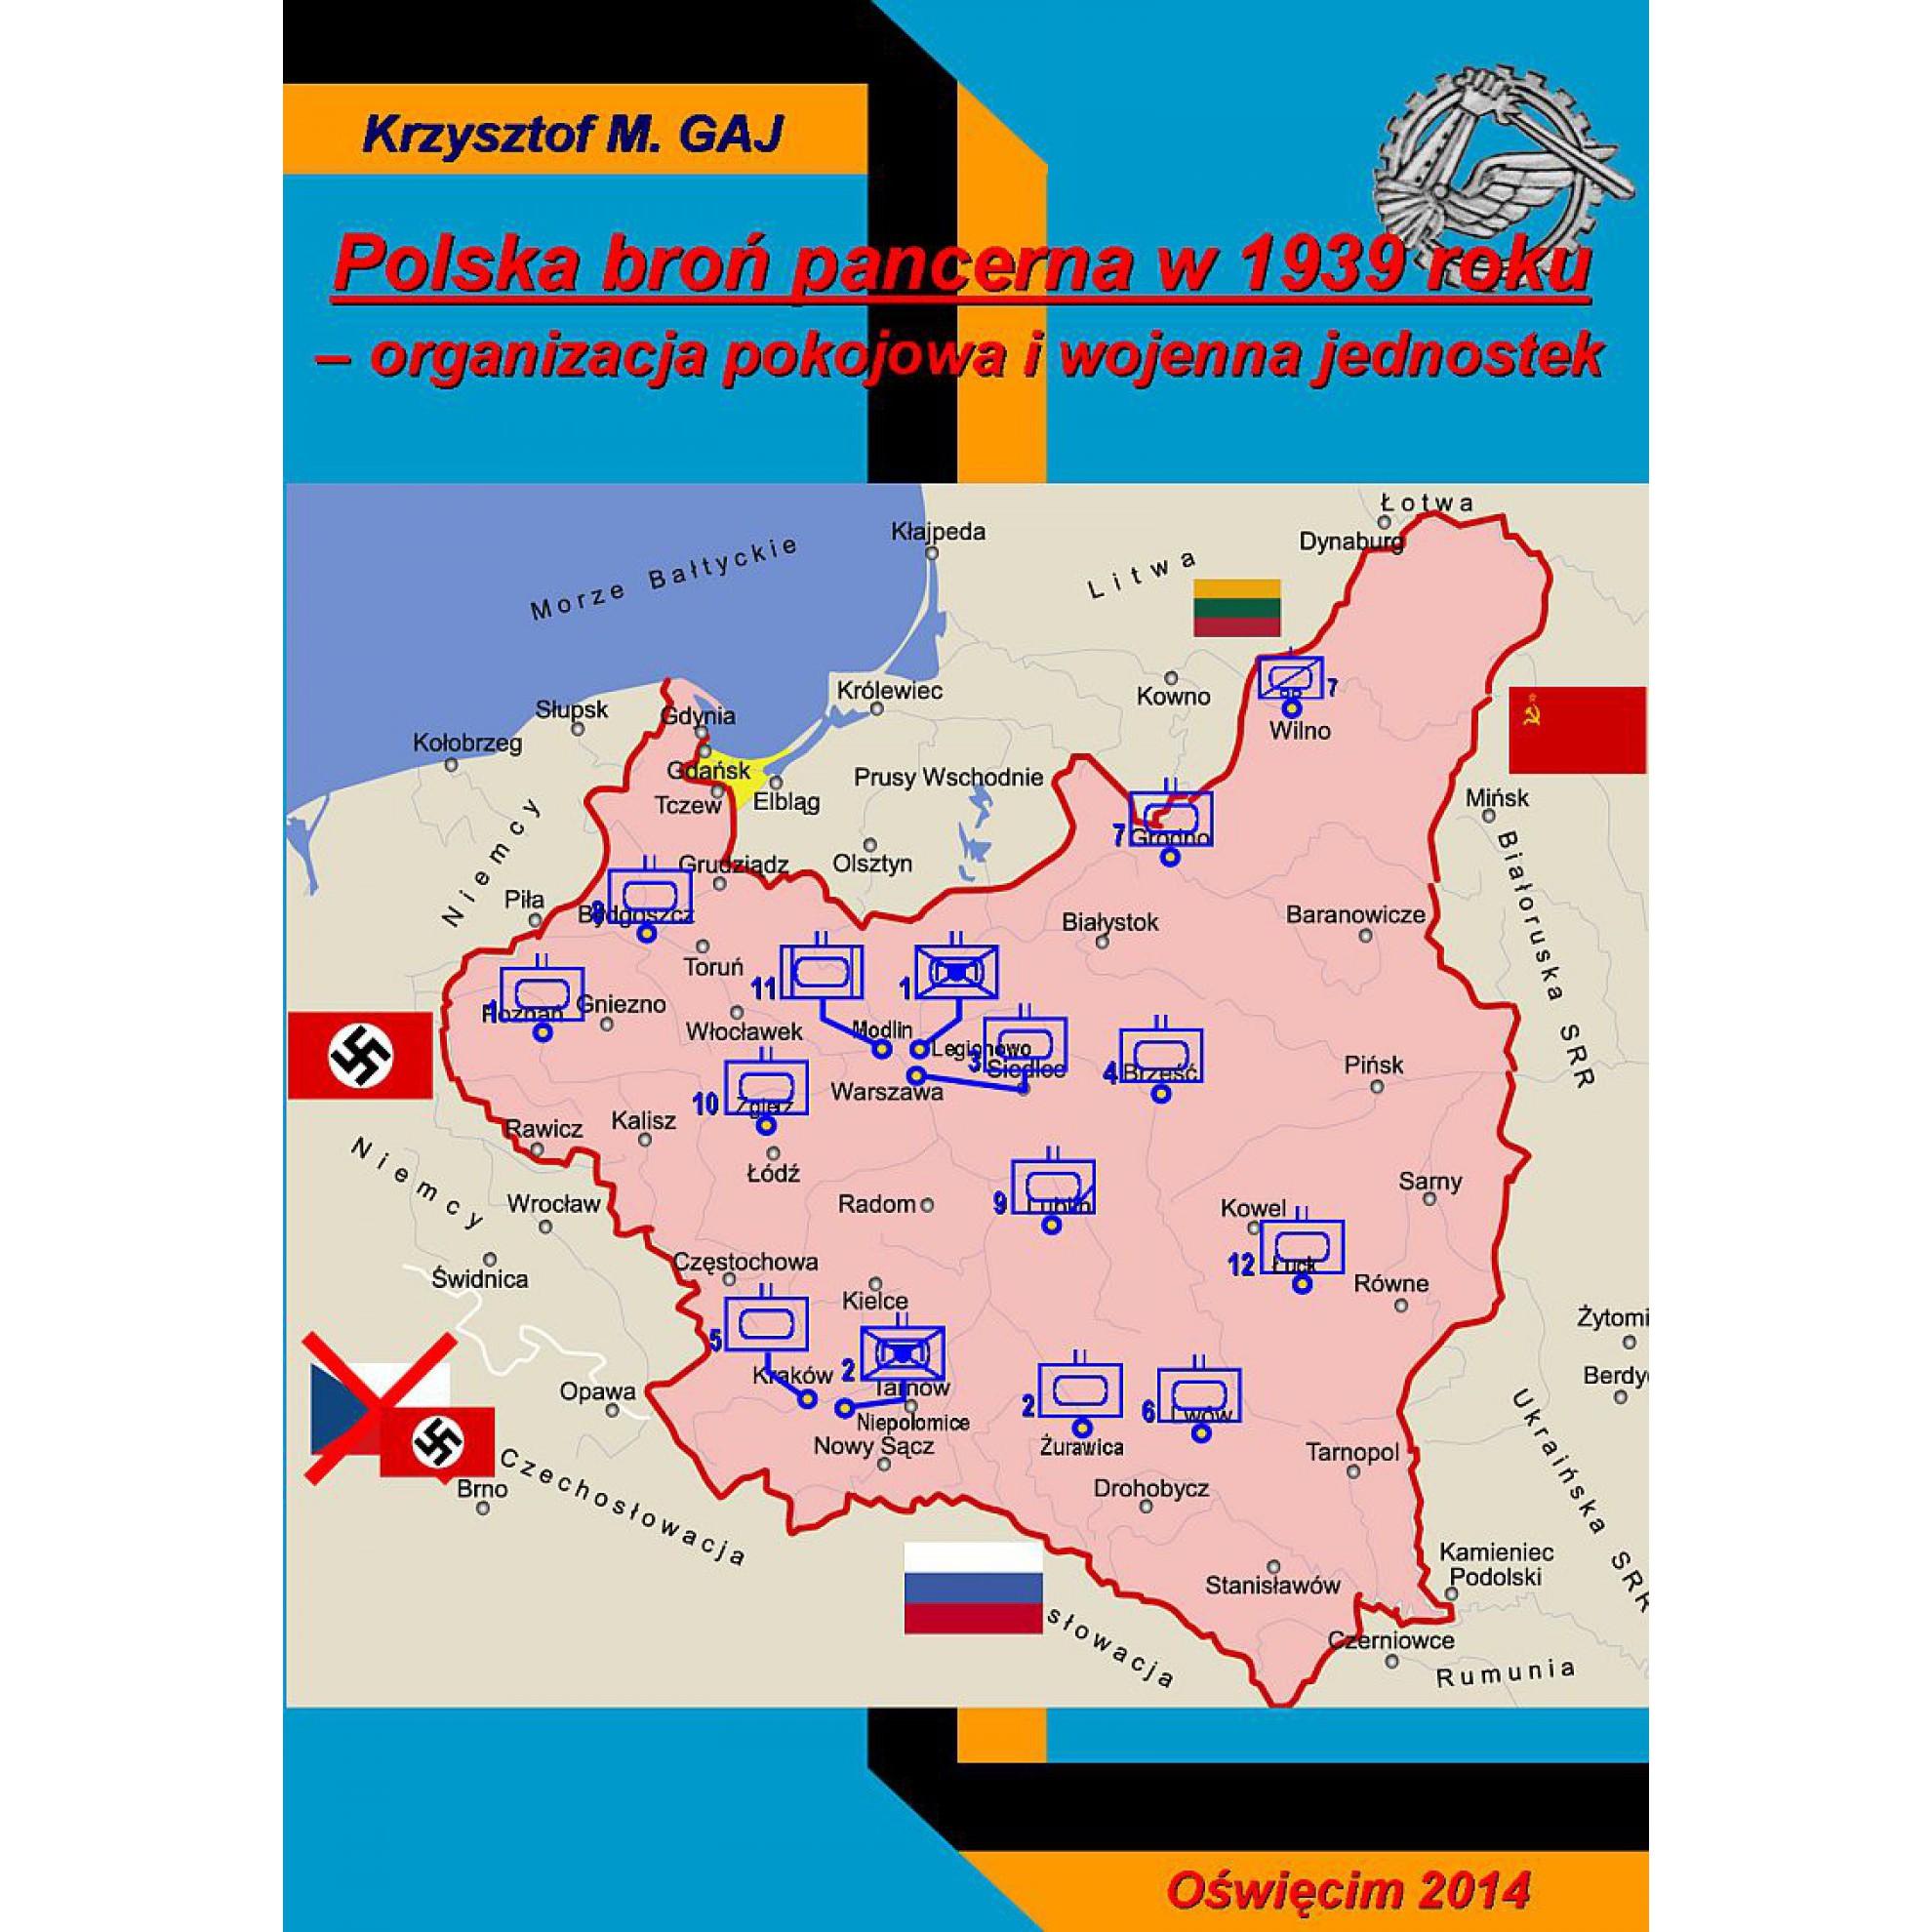 Polska broń pancerna w 1939 r. – Organizacja pokojowa i wojenna jednostek